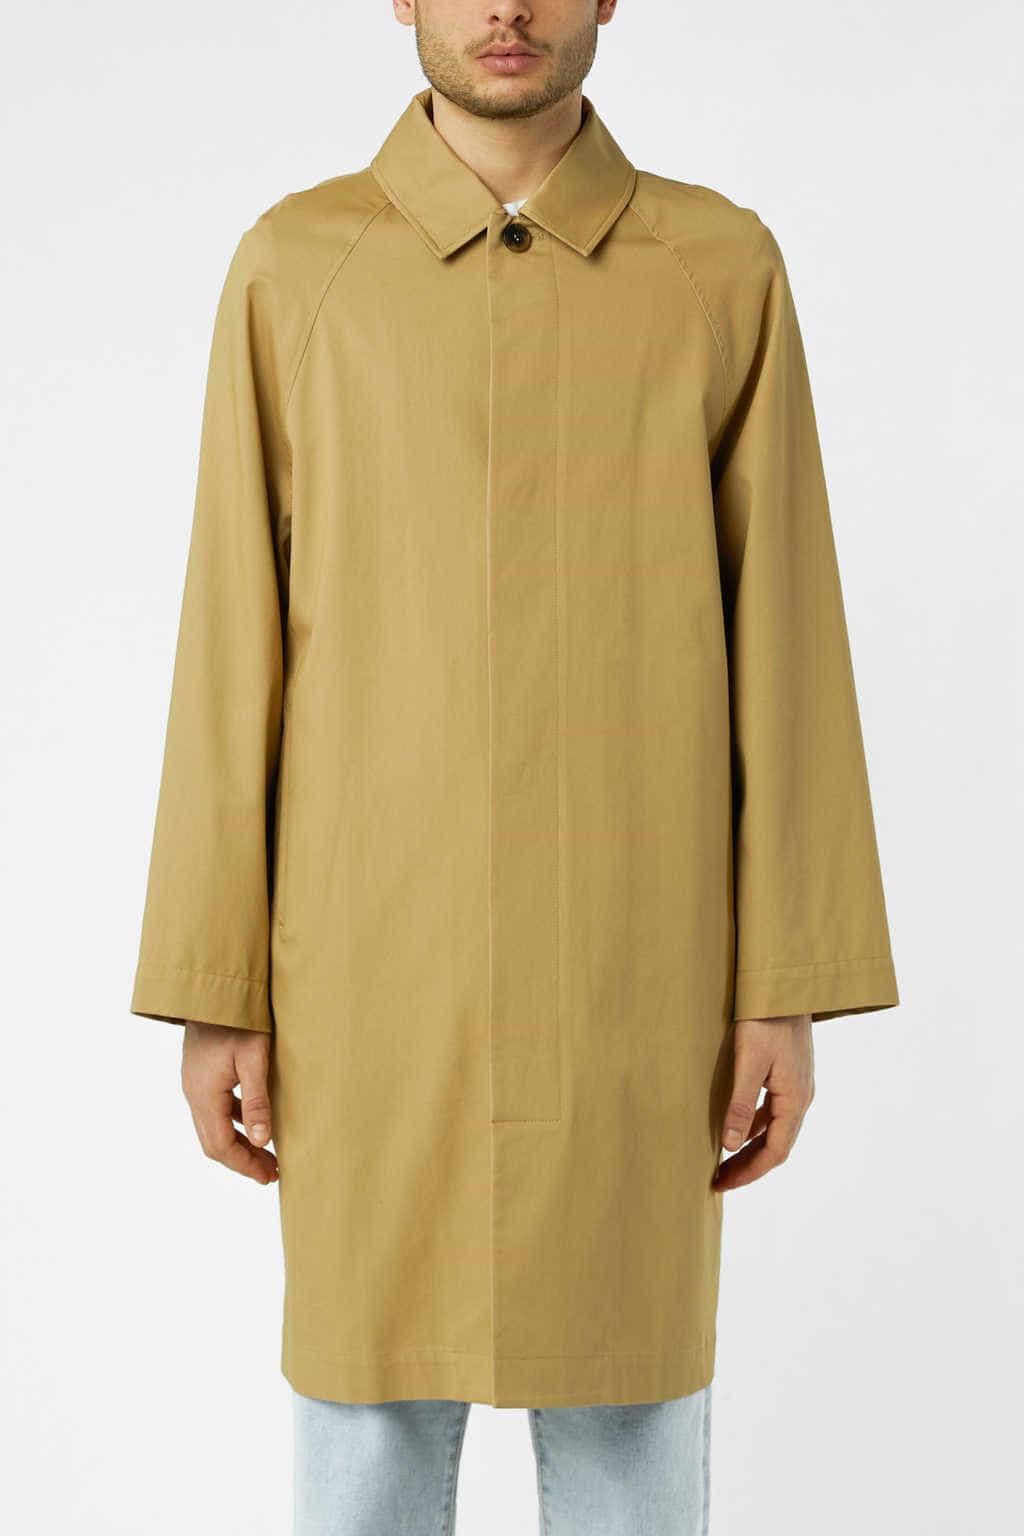 Coat 3402 Beige 7